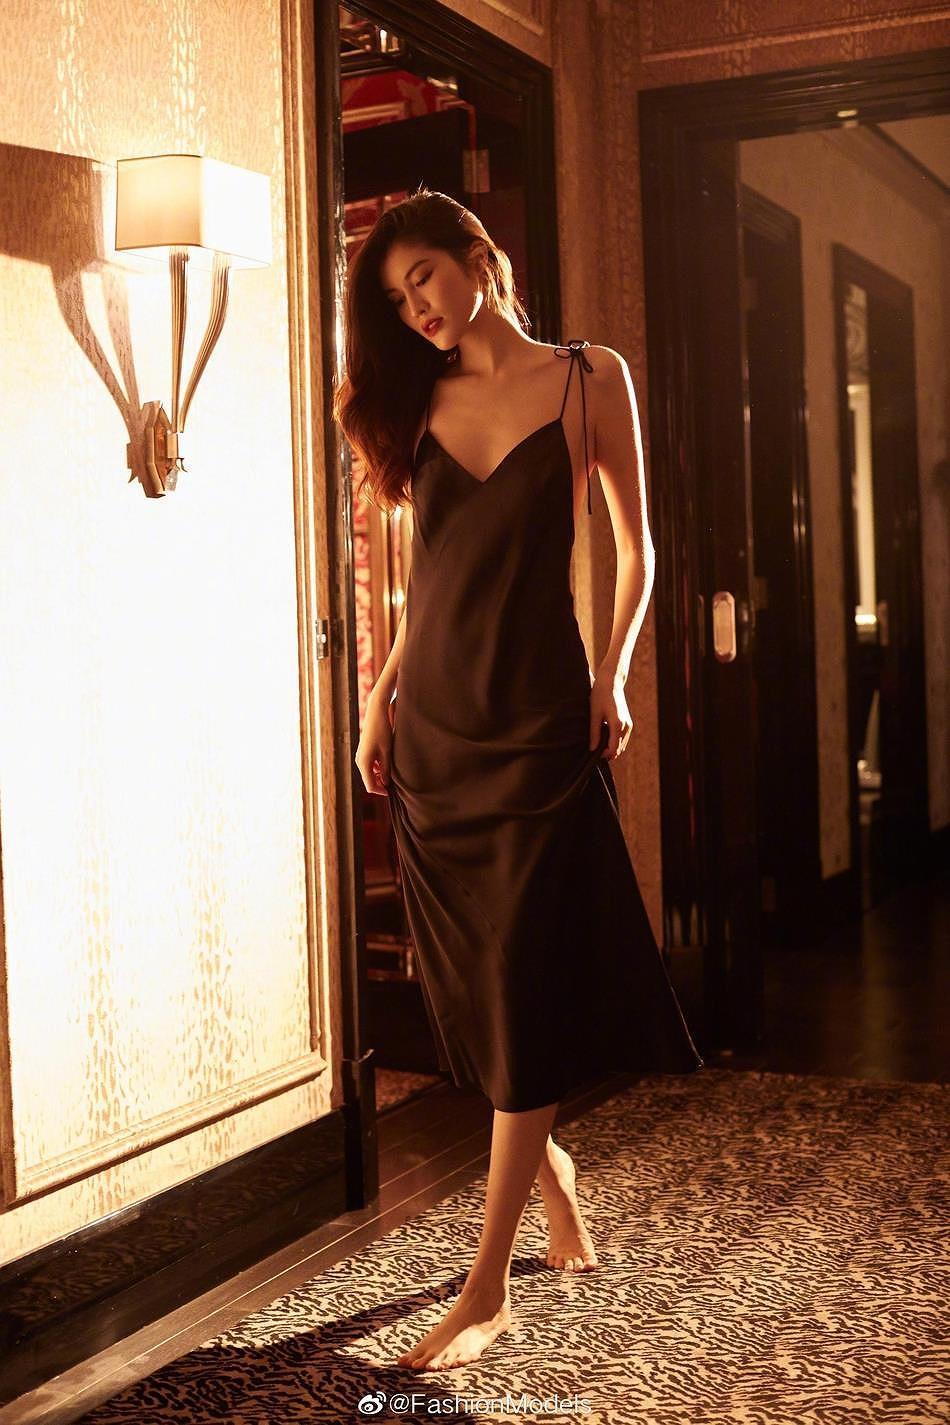 Siêu mẫu Victoria's Secret gốc Á mặc nội y ren, khoe lưng trần gợi cảm Ảnh 4